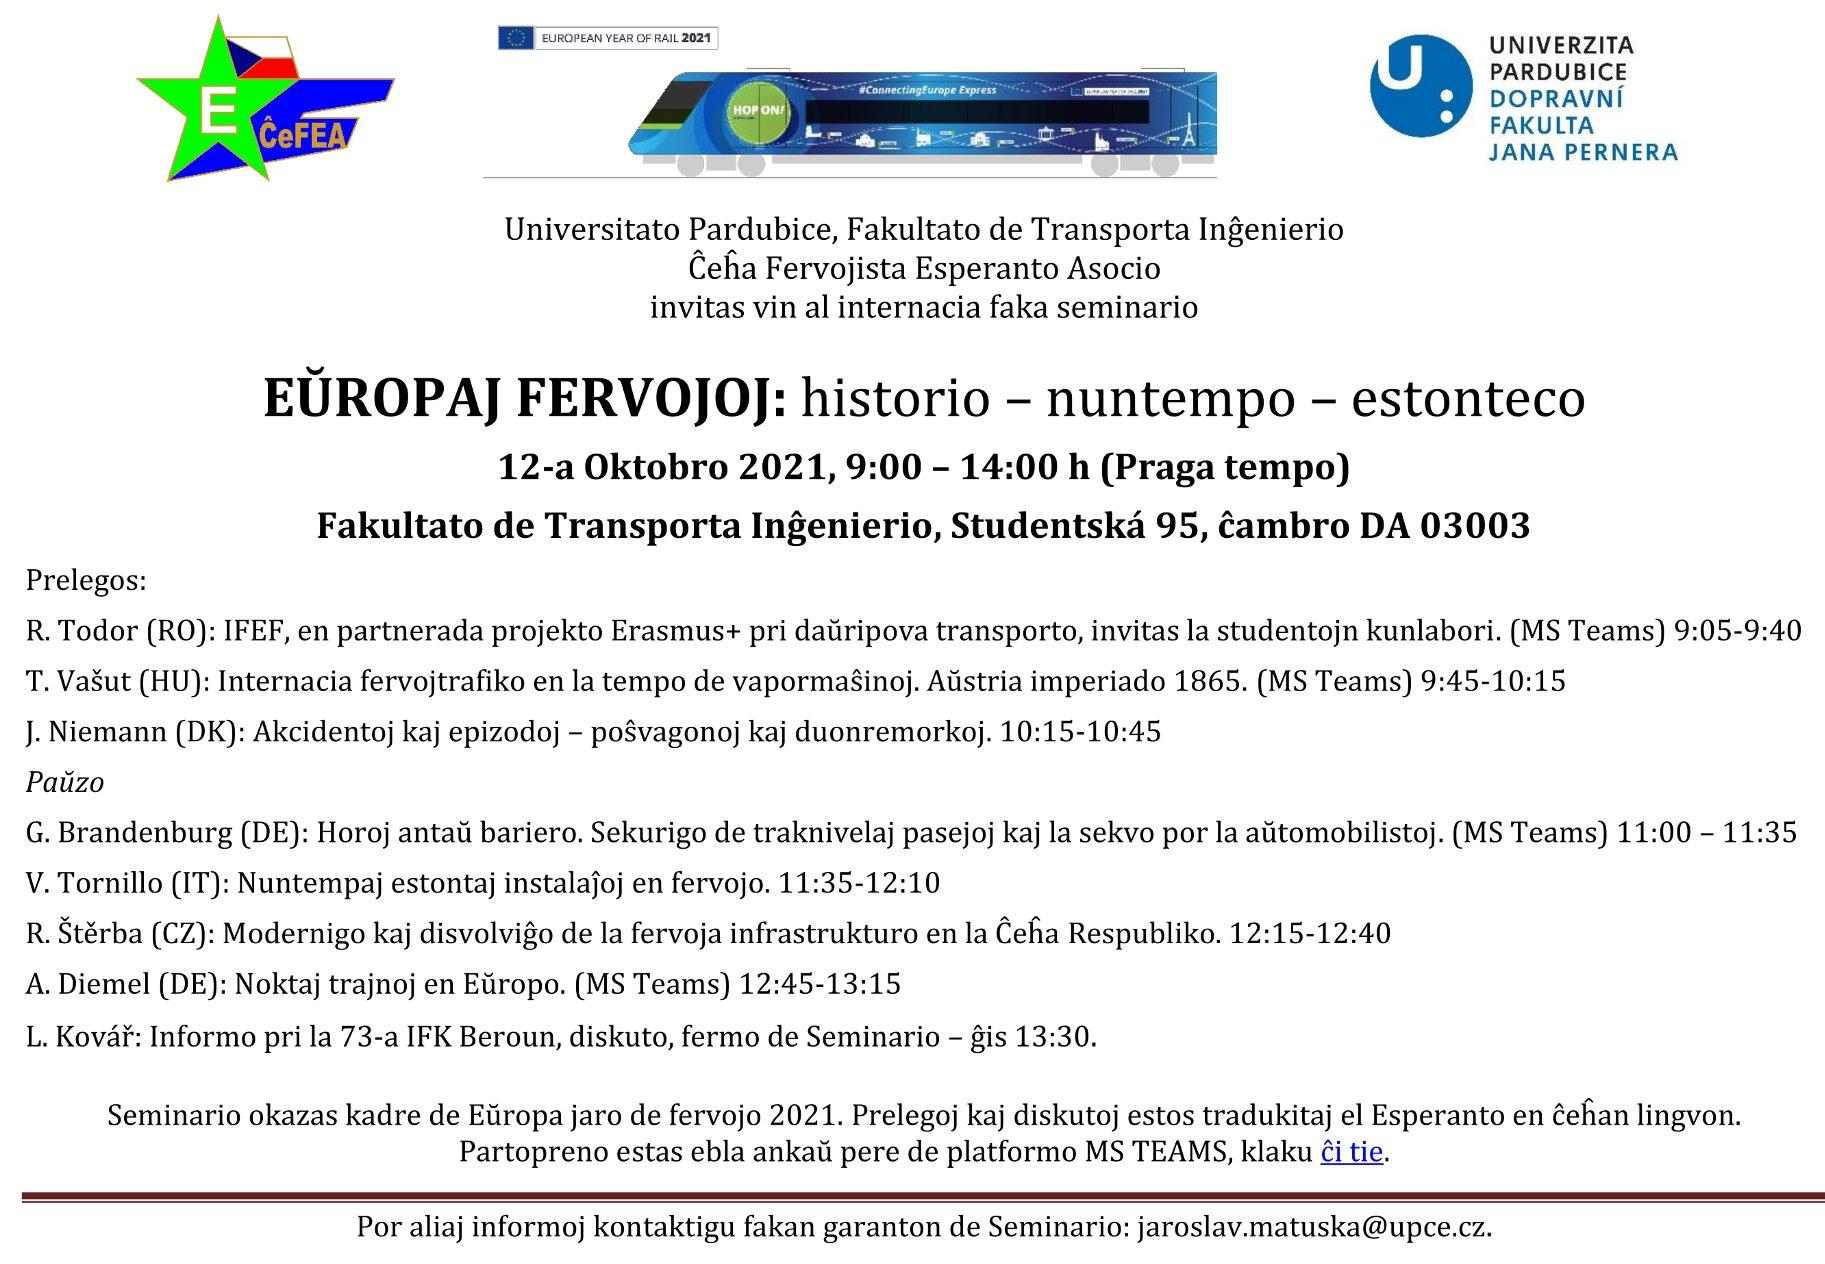 Alklaku la bildeton por vidi la programon ! - Faka Seminario en Pardubice 2021-okt-12